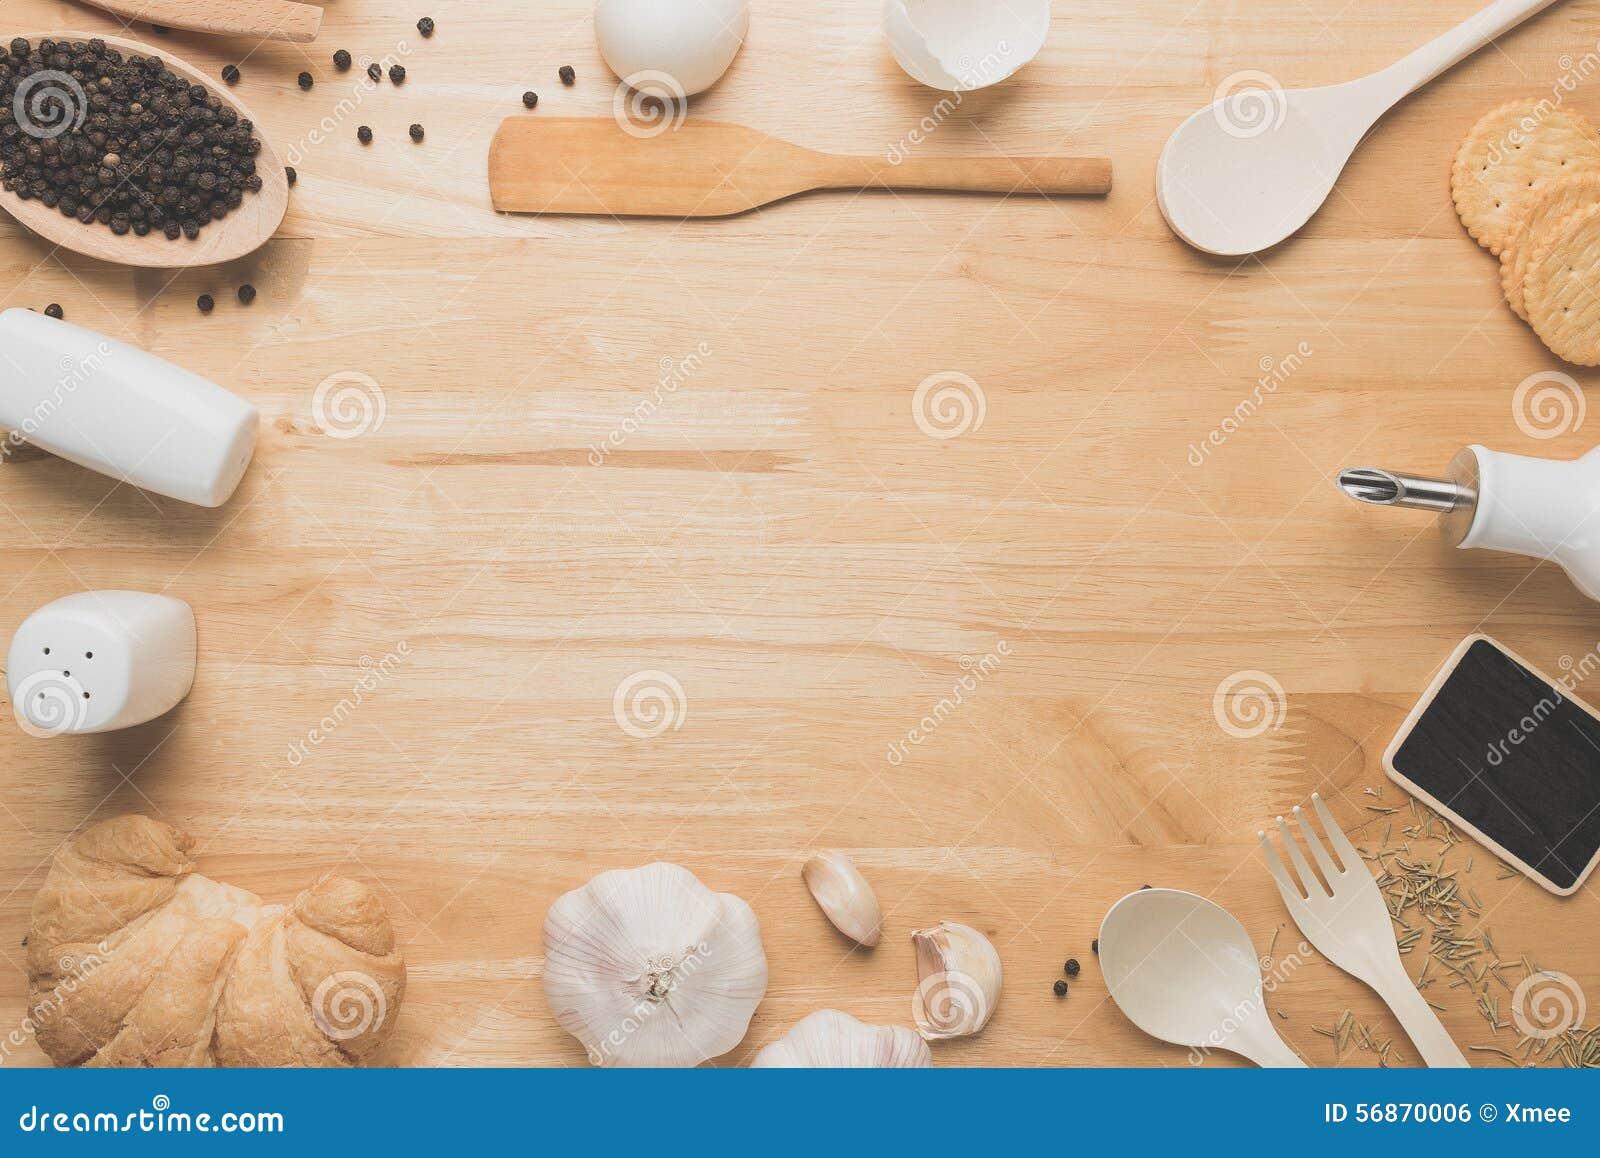 Top View Kitchen Mockup,Rural Kitchen Utensils On Wooden ...